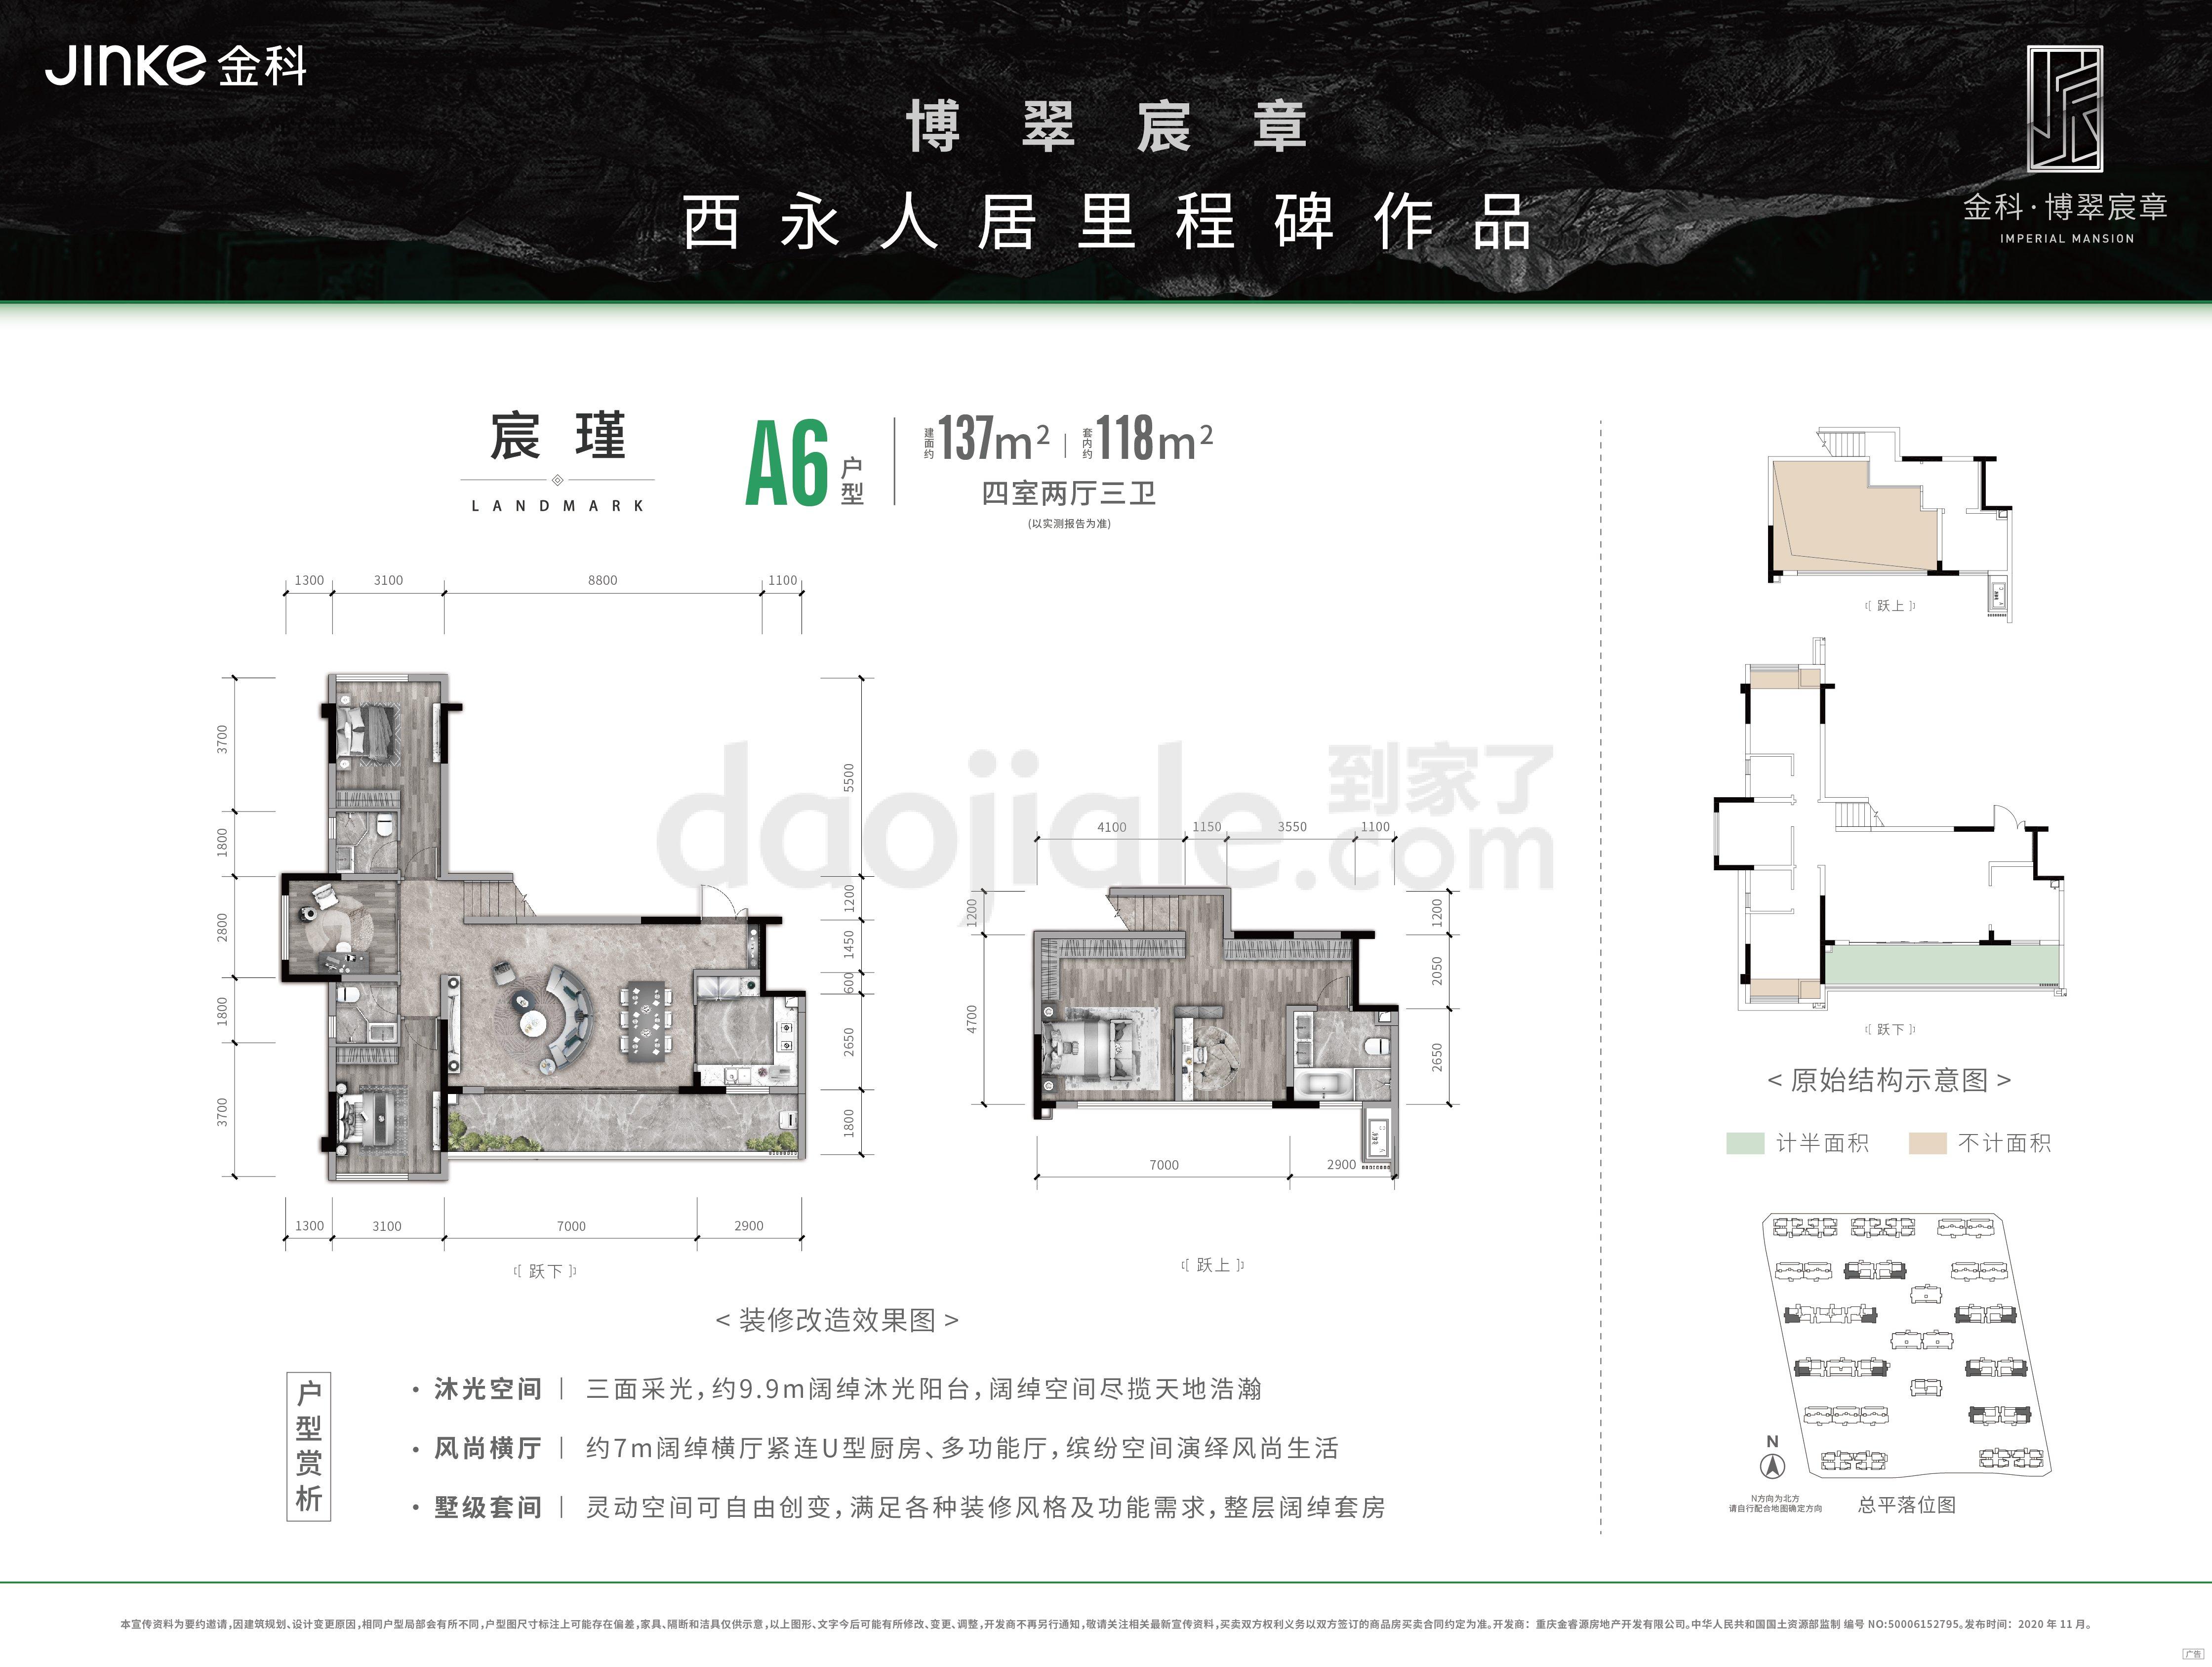 沙坪坝区西永金科博翠宸章新房A6户型图